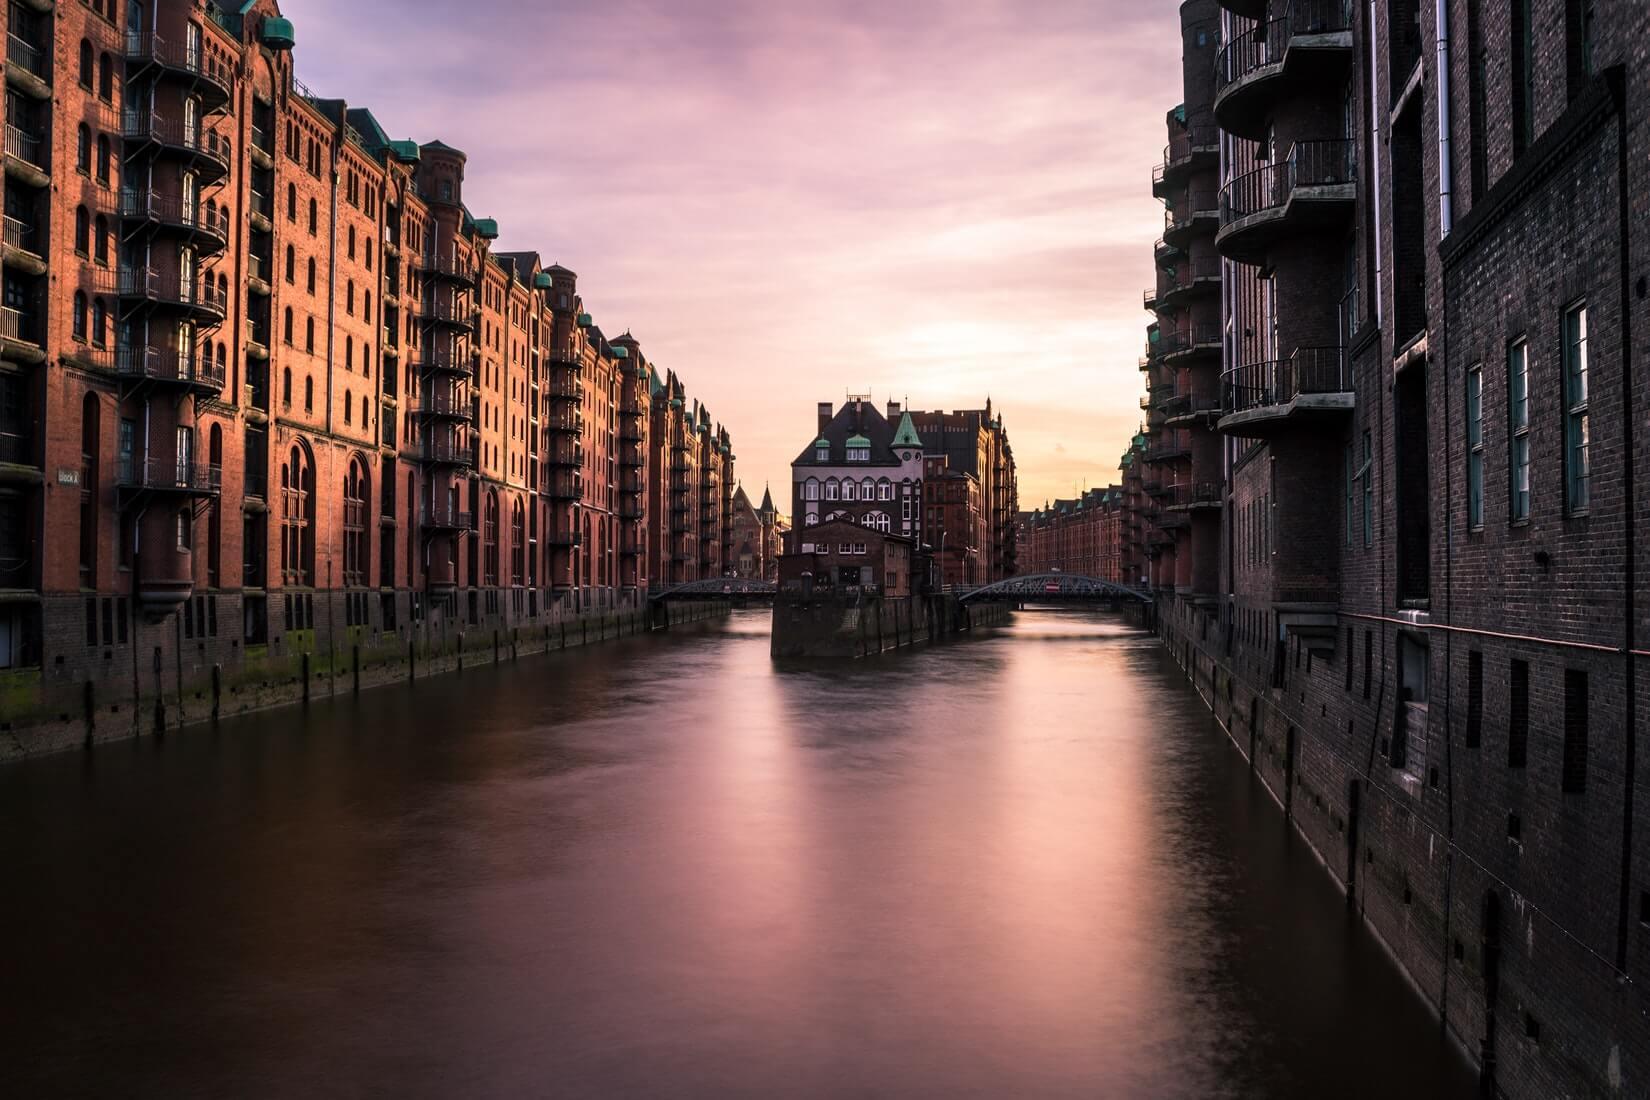 Ein Bild beim Sonnenuntergang aus der Speicherstadt in Hamburg